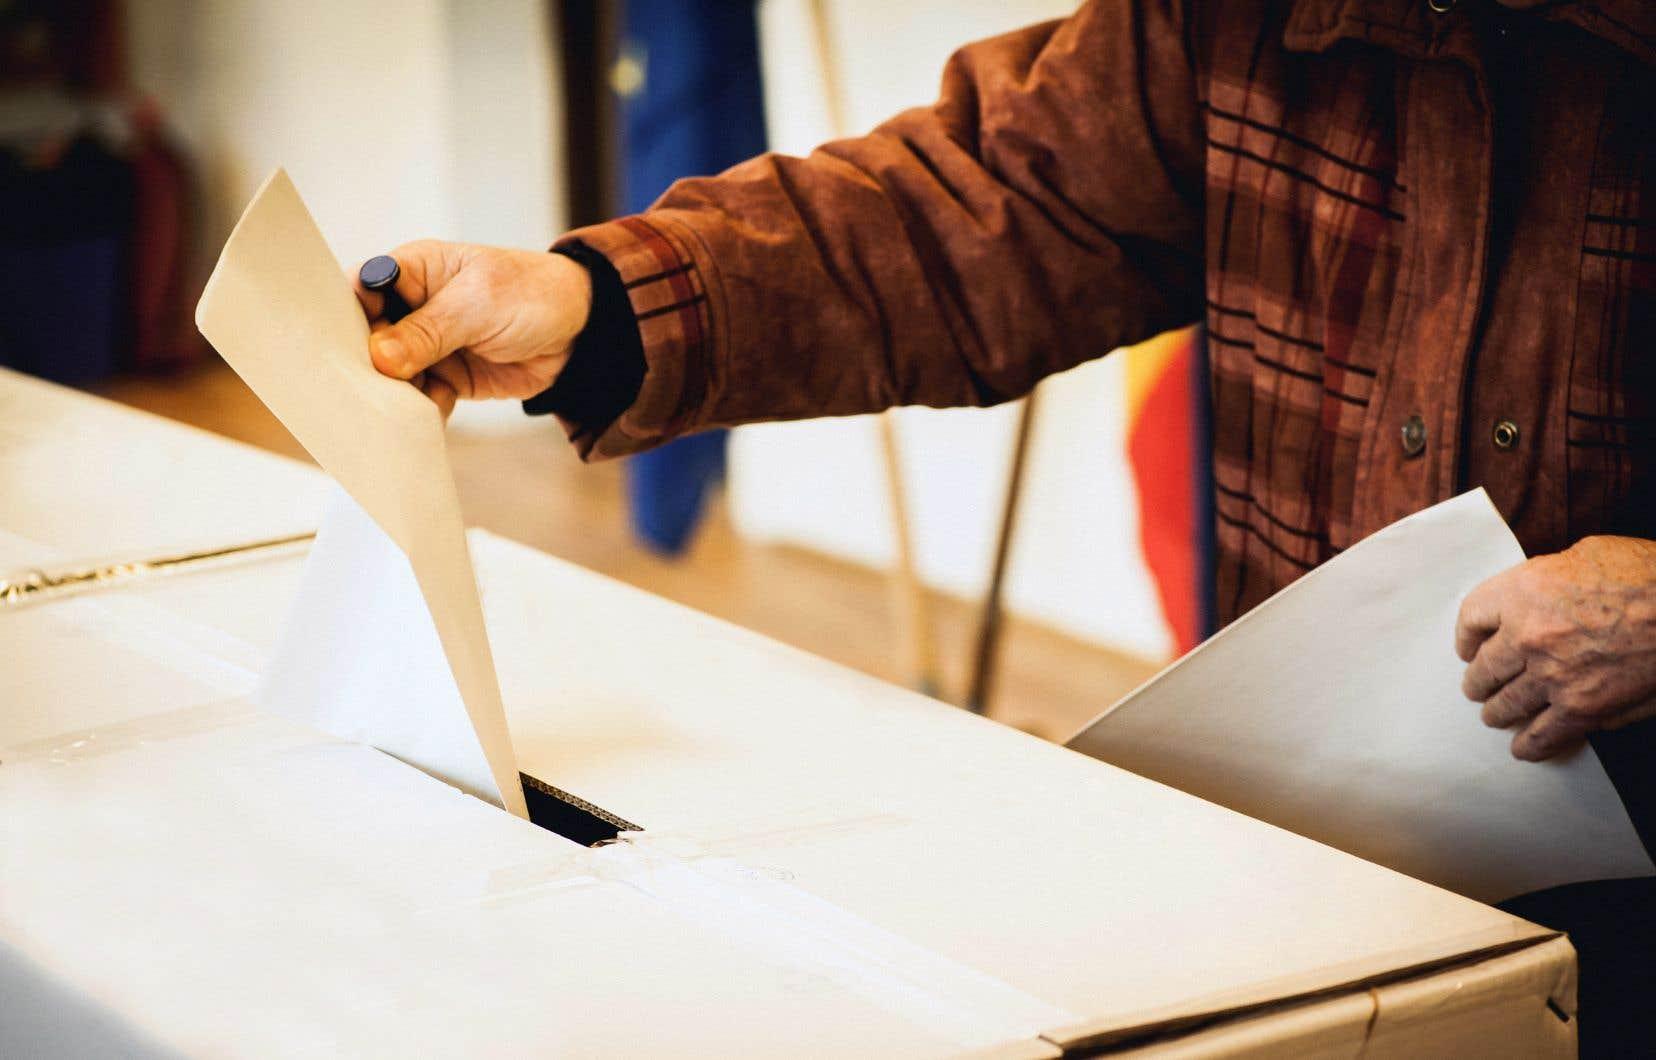 «La réforme du mode de scrutin va rendre notre système politique moins démocratique», estiment les auteurs.